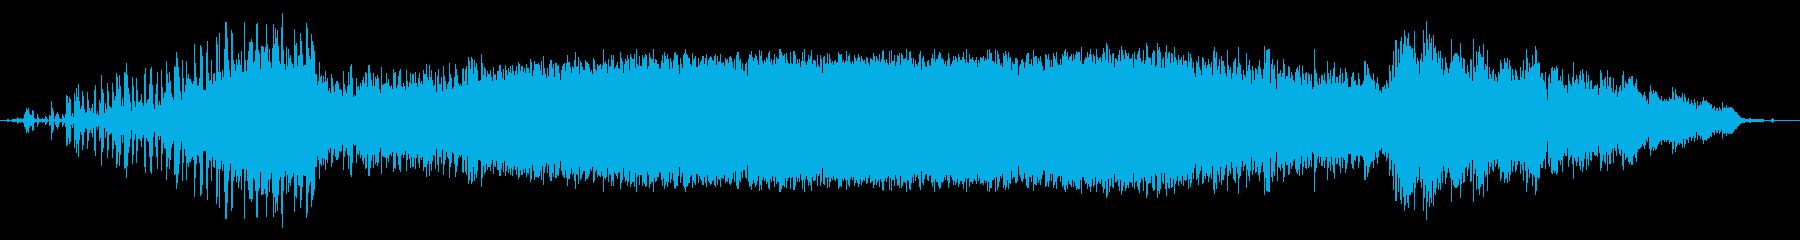 インストゥルメンタル、ポップ、バッ...の再生済みの波形